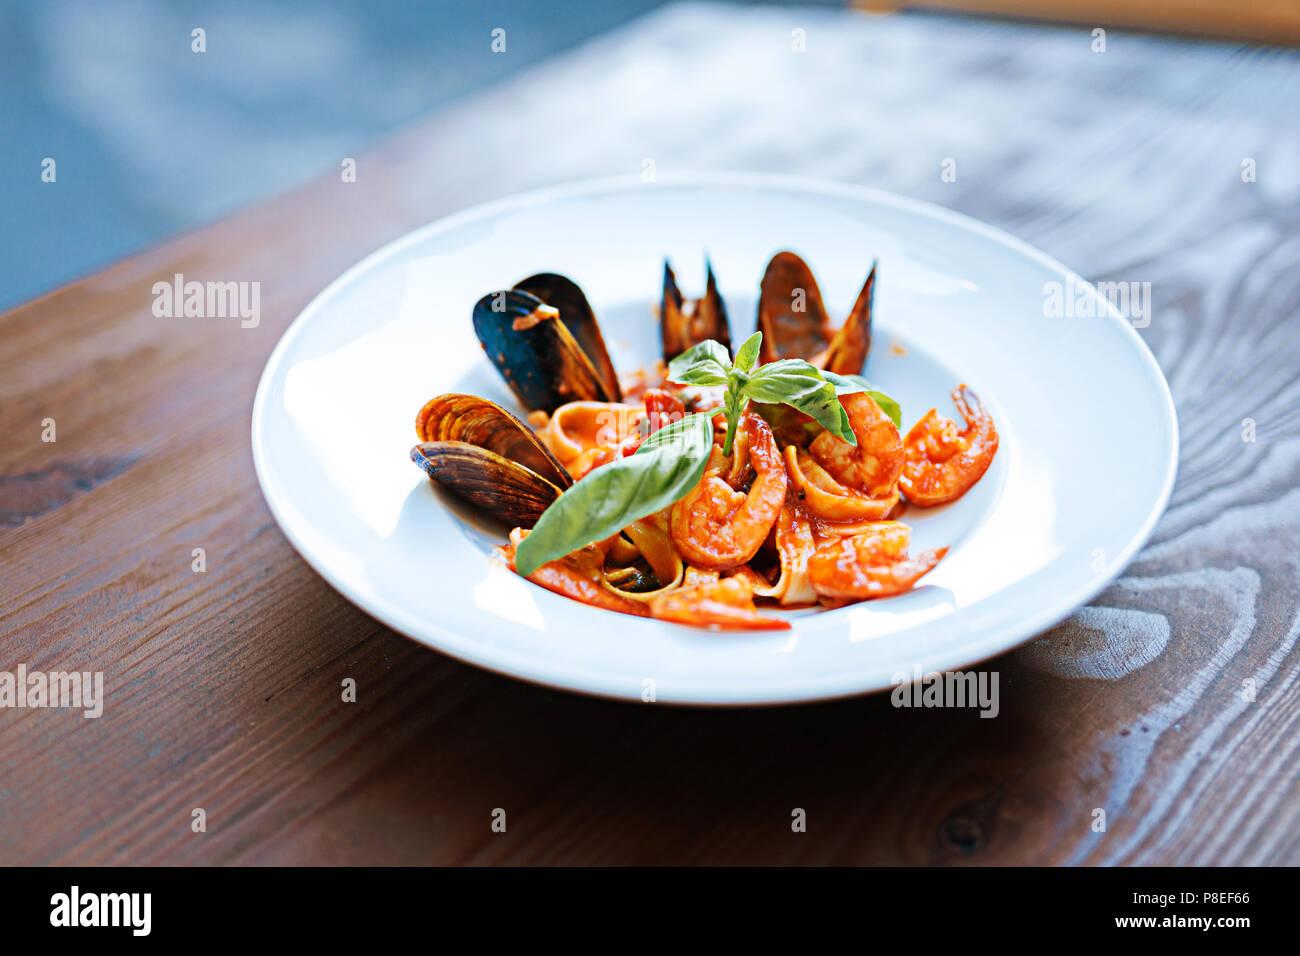 Nahaufnahme von leckere Pasta mit Fisch in Tomatensauce. Stockbild